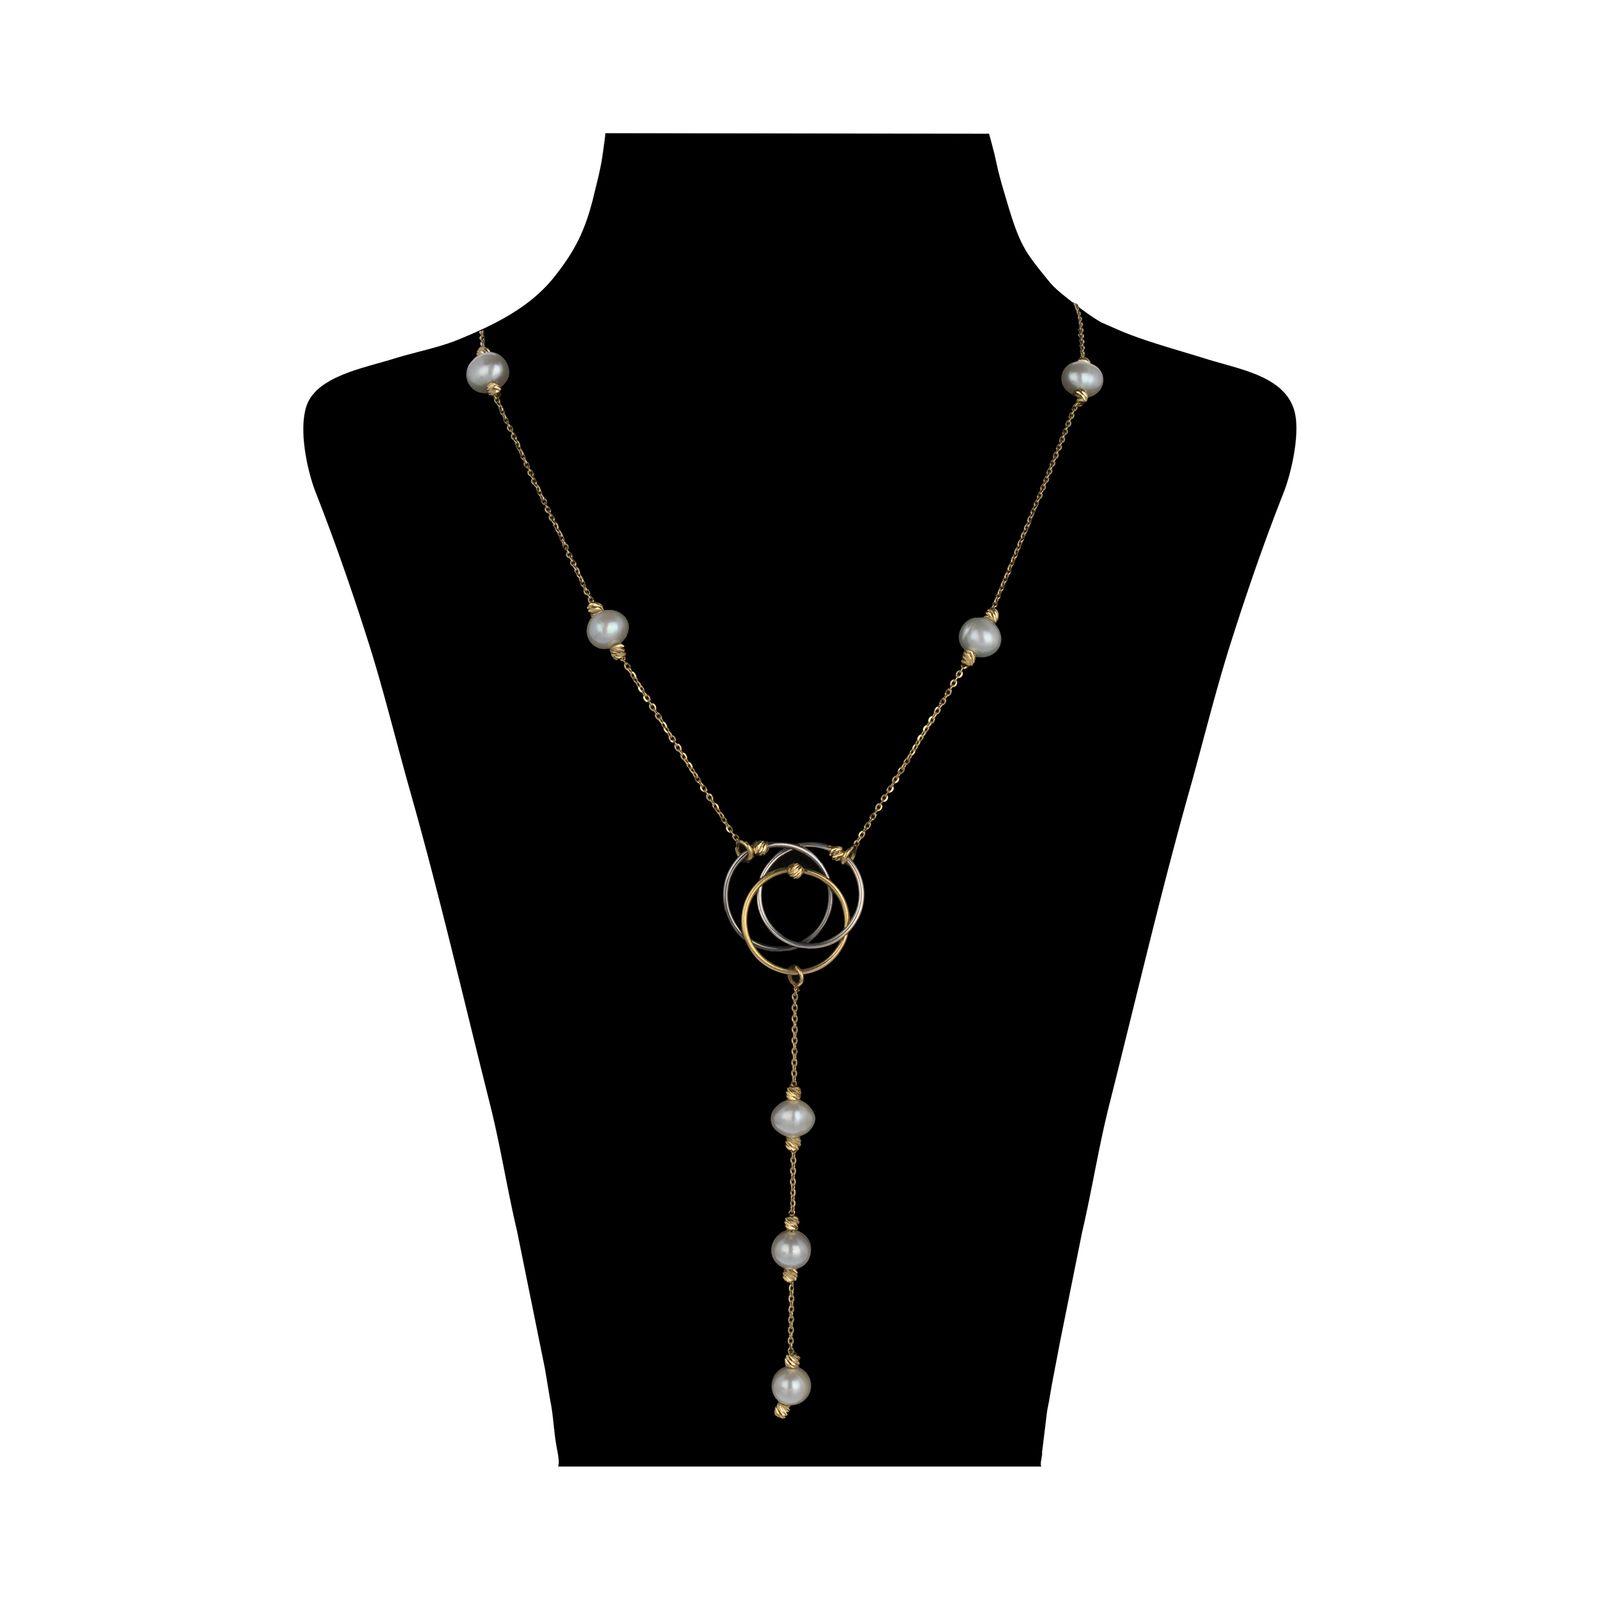 گردنبند طلا 18 عیار زنانه سیودو مدل 145454 -  - 2